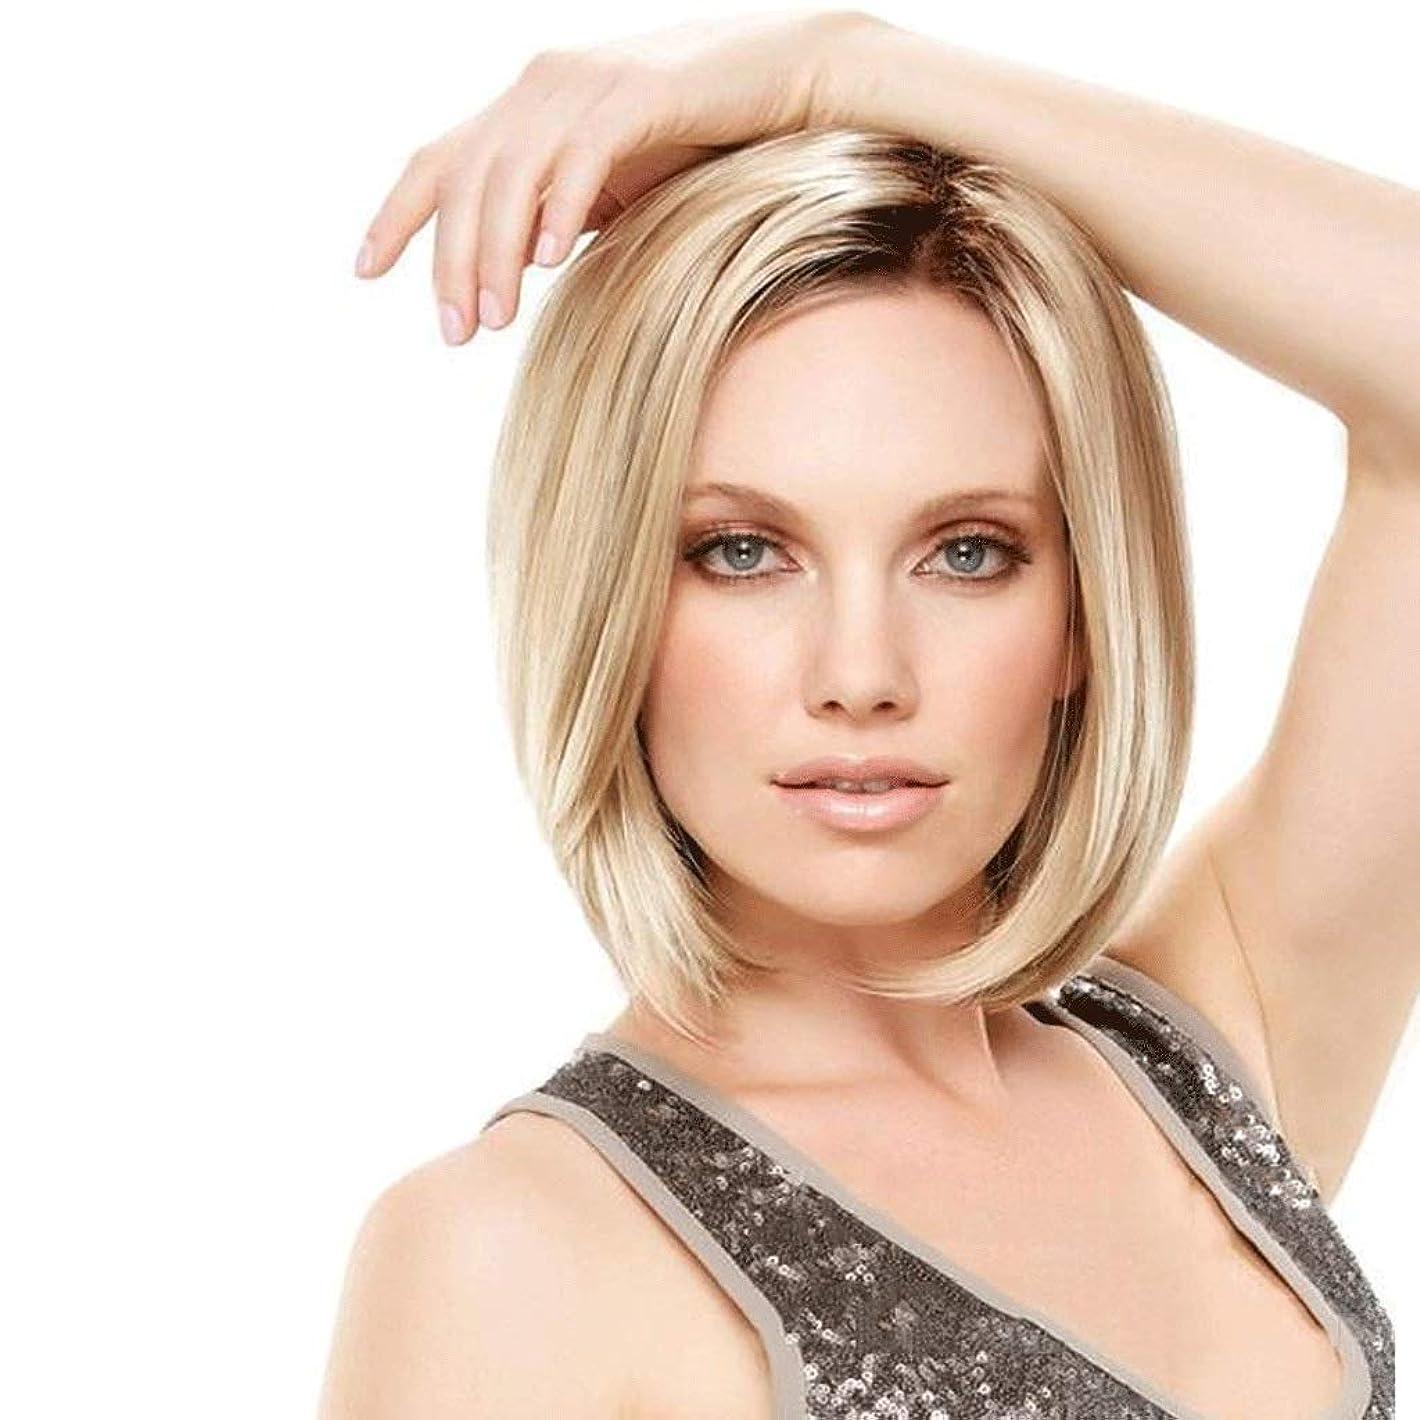 ええ評価角度ローズネットキャップ、ライトゴールデンフルキャップコスプレ合成かつら女性コスプレパーティー用ショートストレートブロンドウィッグ (Color : Blond)